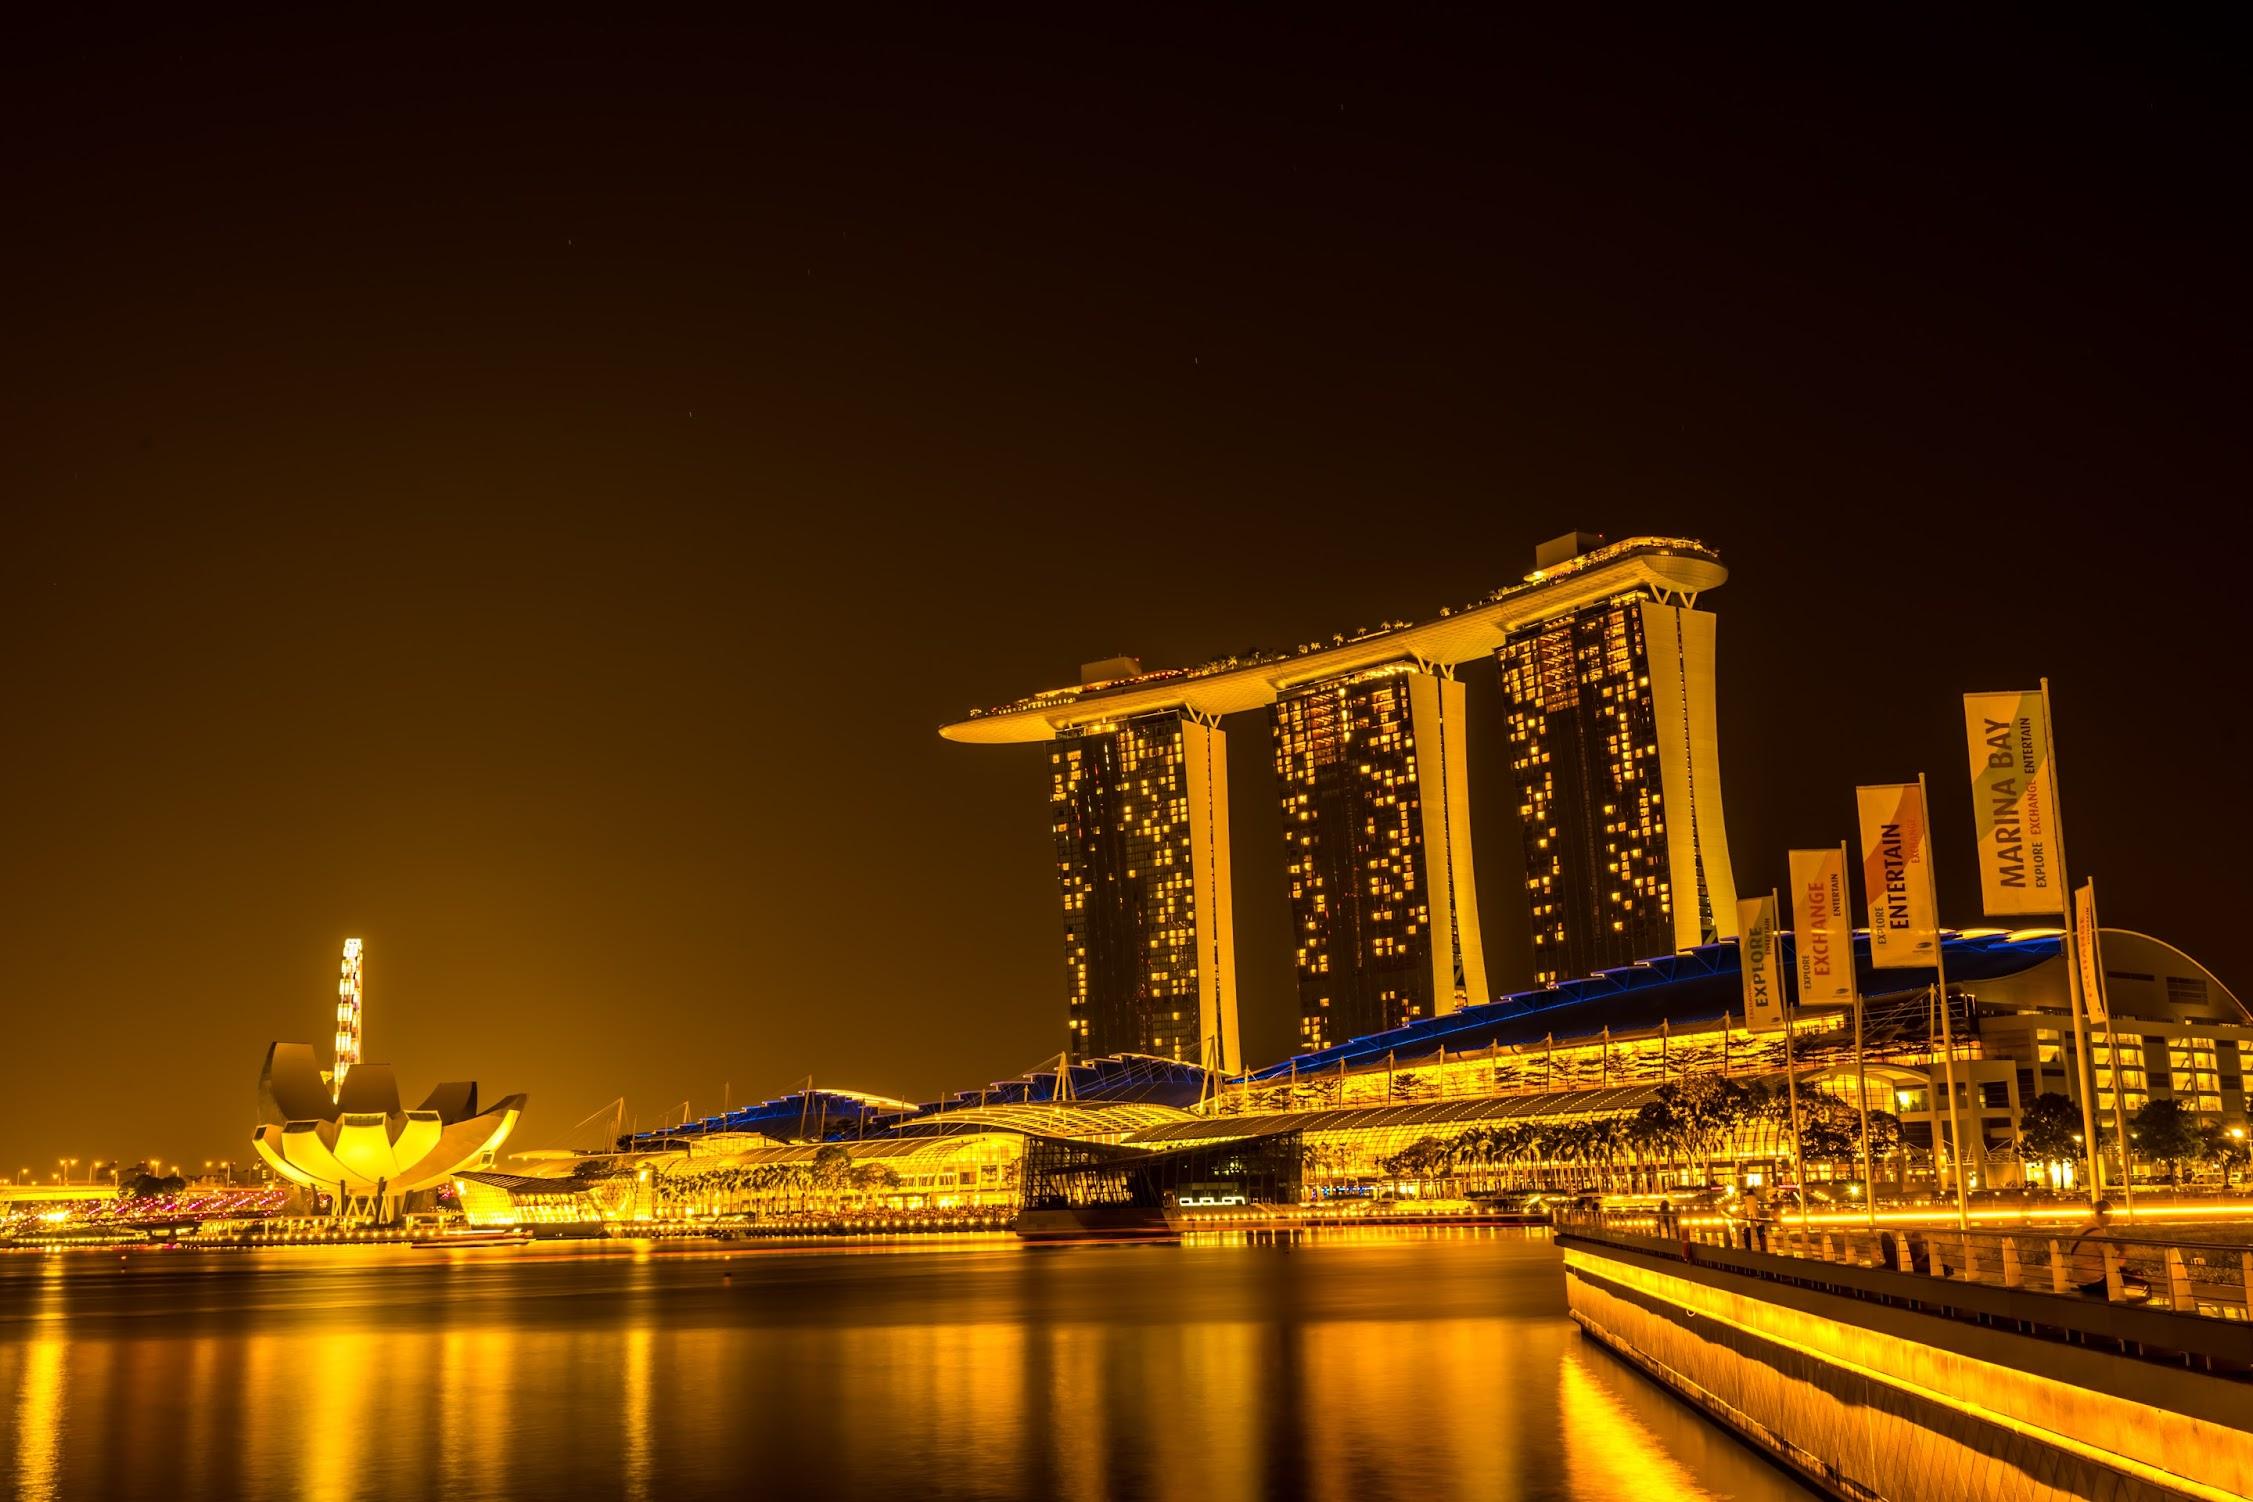 シンガポール マリーナ・ベイ・サンズ 夜景8